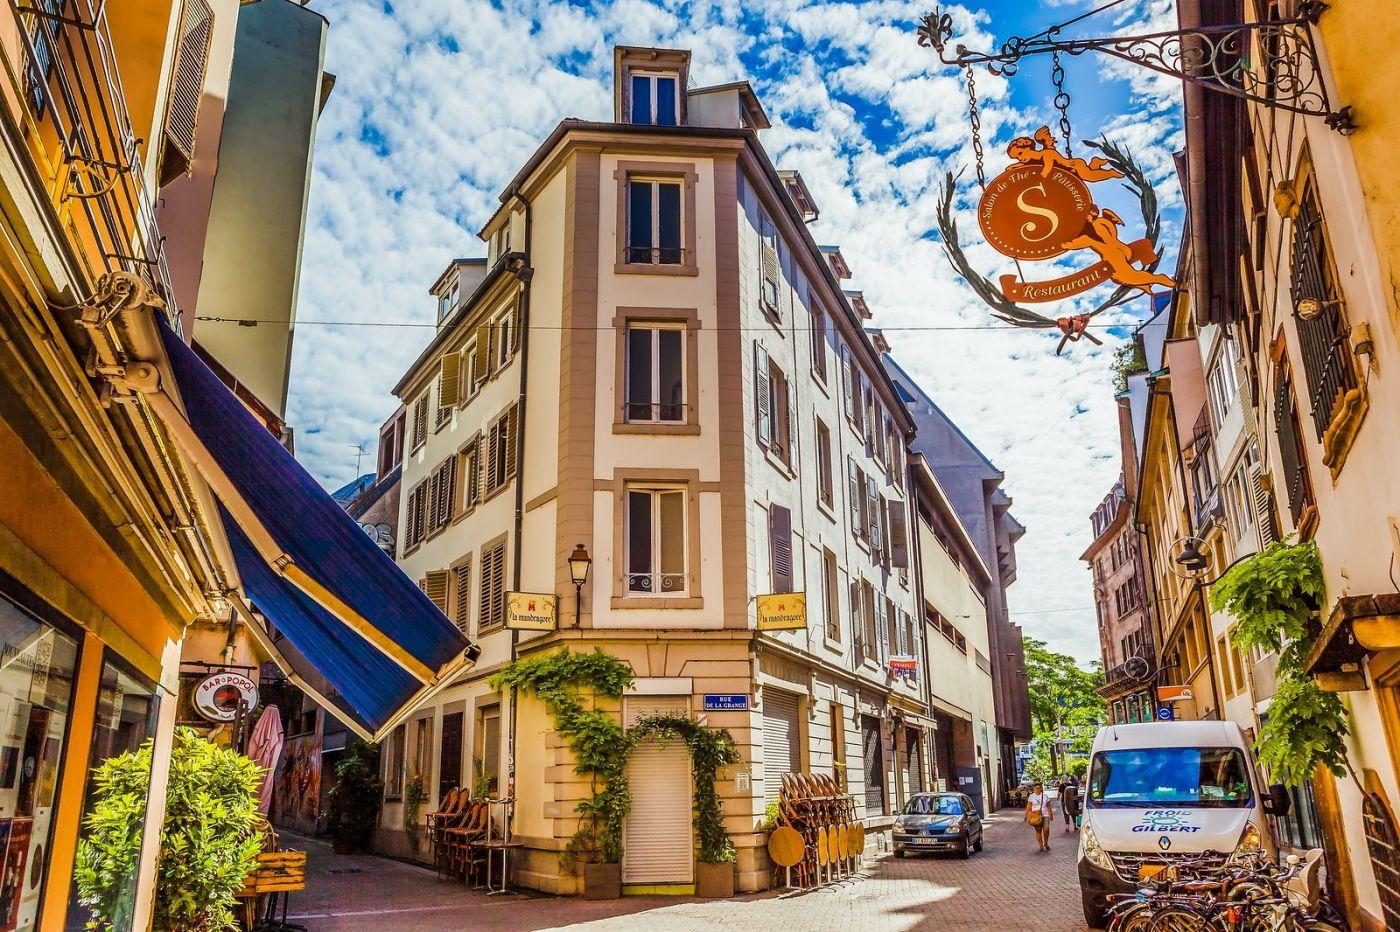 法国斯特拉斯堡(Strasbourg),边走边拍_图1-7